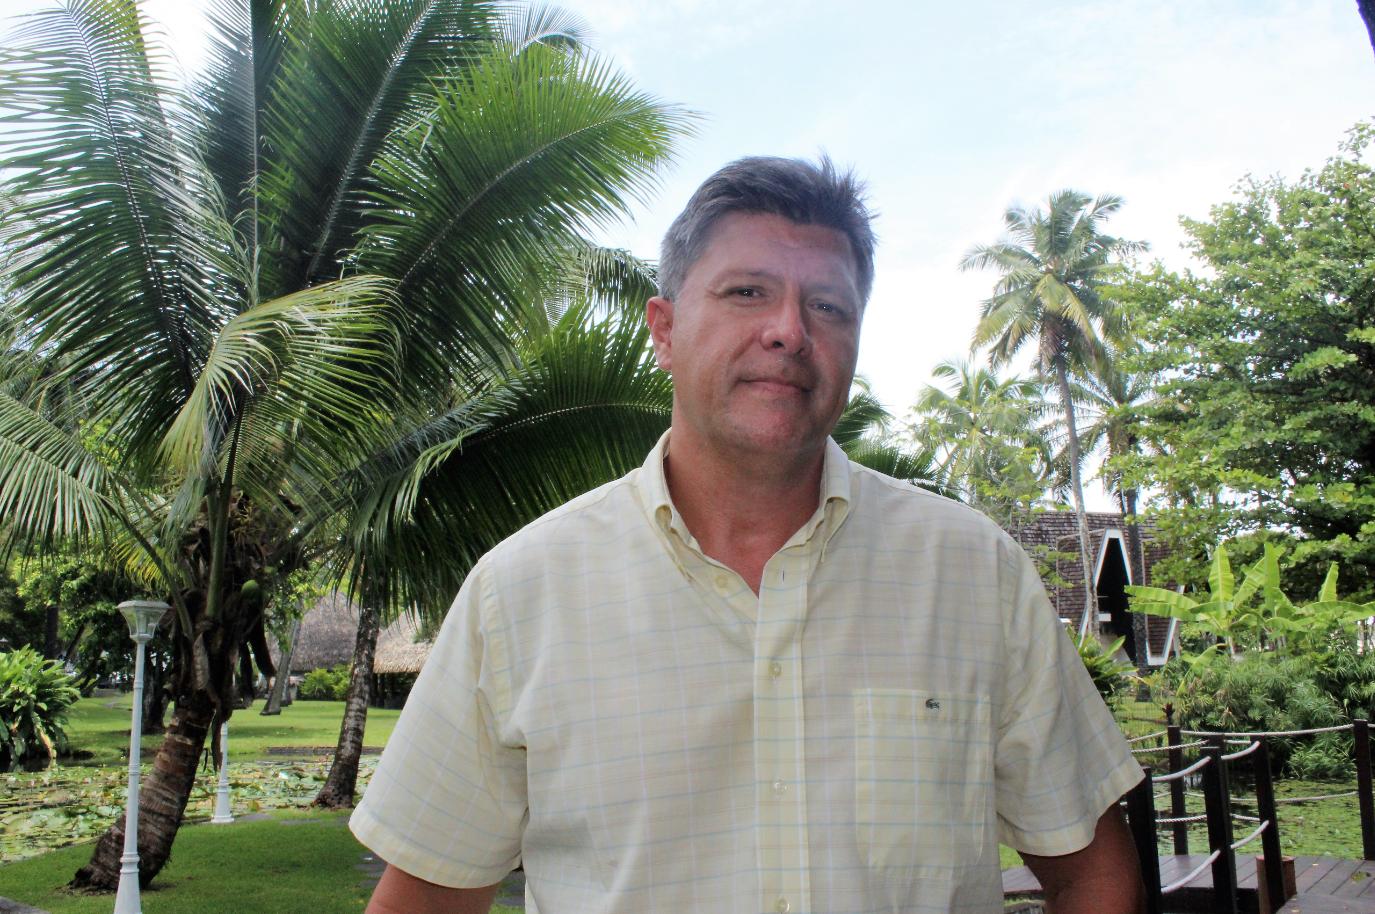 Antonio Perez, est le président de la commission de l'économie, des finances, du budget et de la fonction publique de l'Assemblée de la Polynésie française.